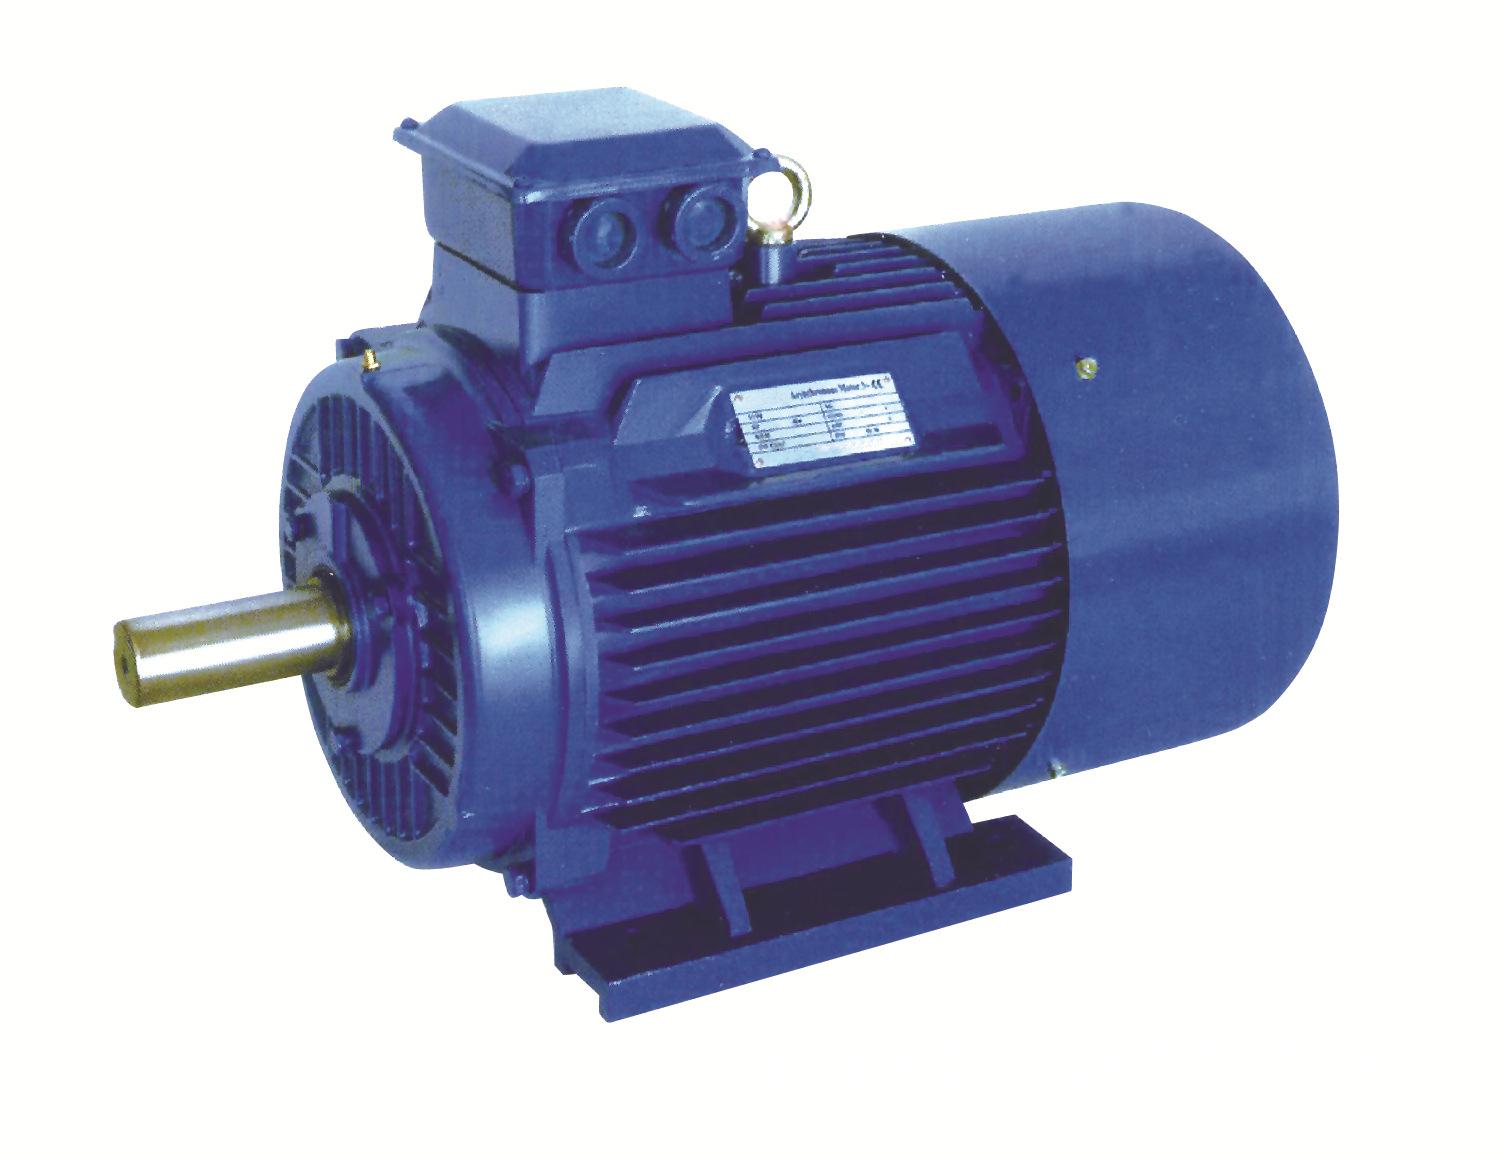 清洗机专用变频电机YVP-2.2KW4极厂家直销三相异步电动机220V